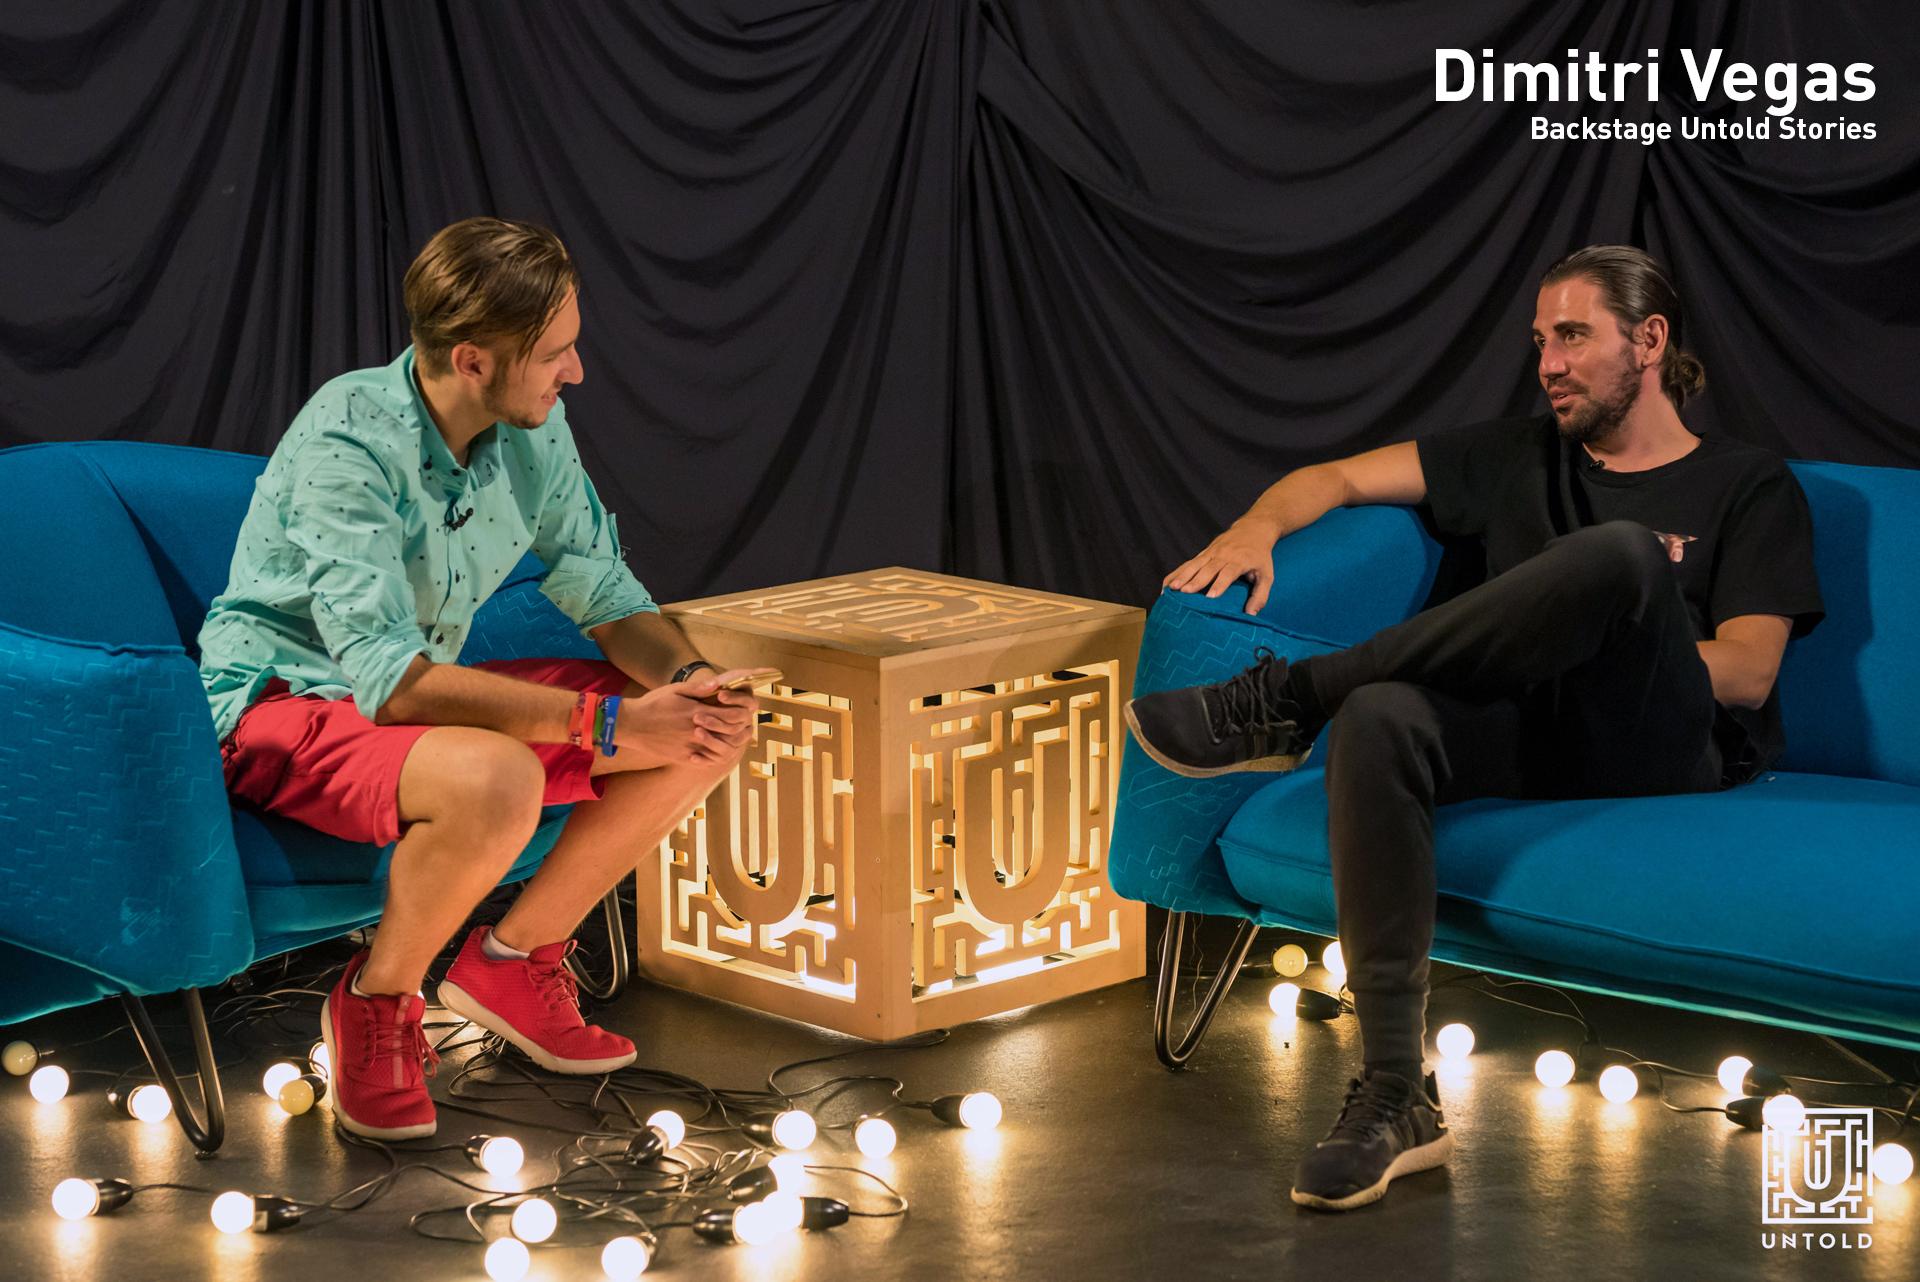 Dimitri Vegas Untold 2017